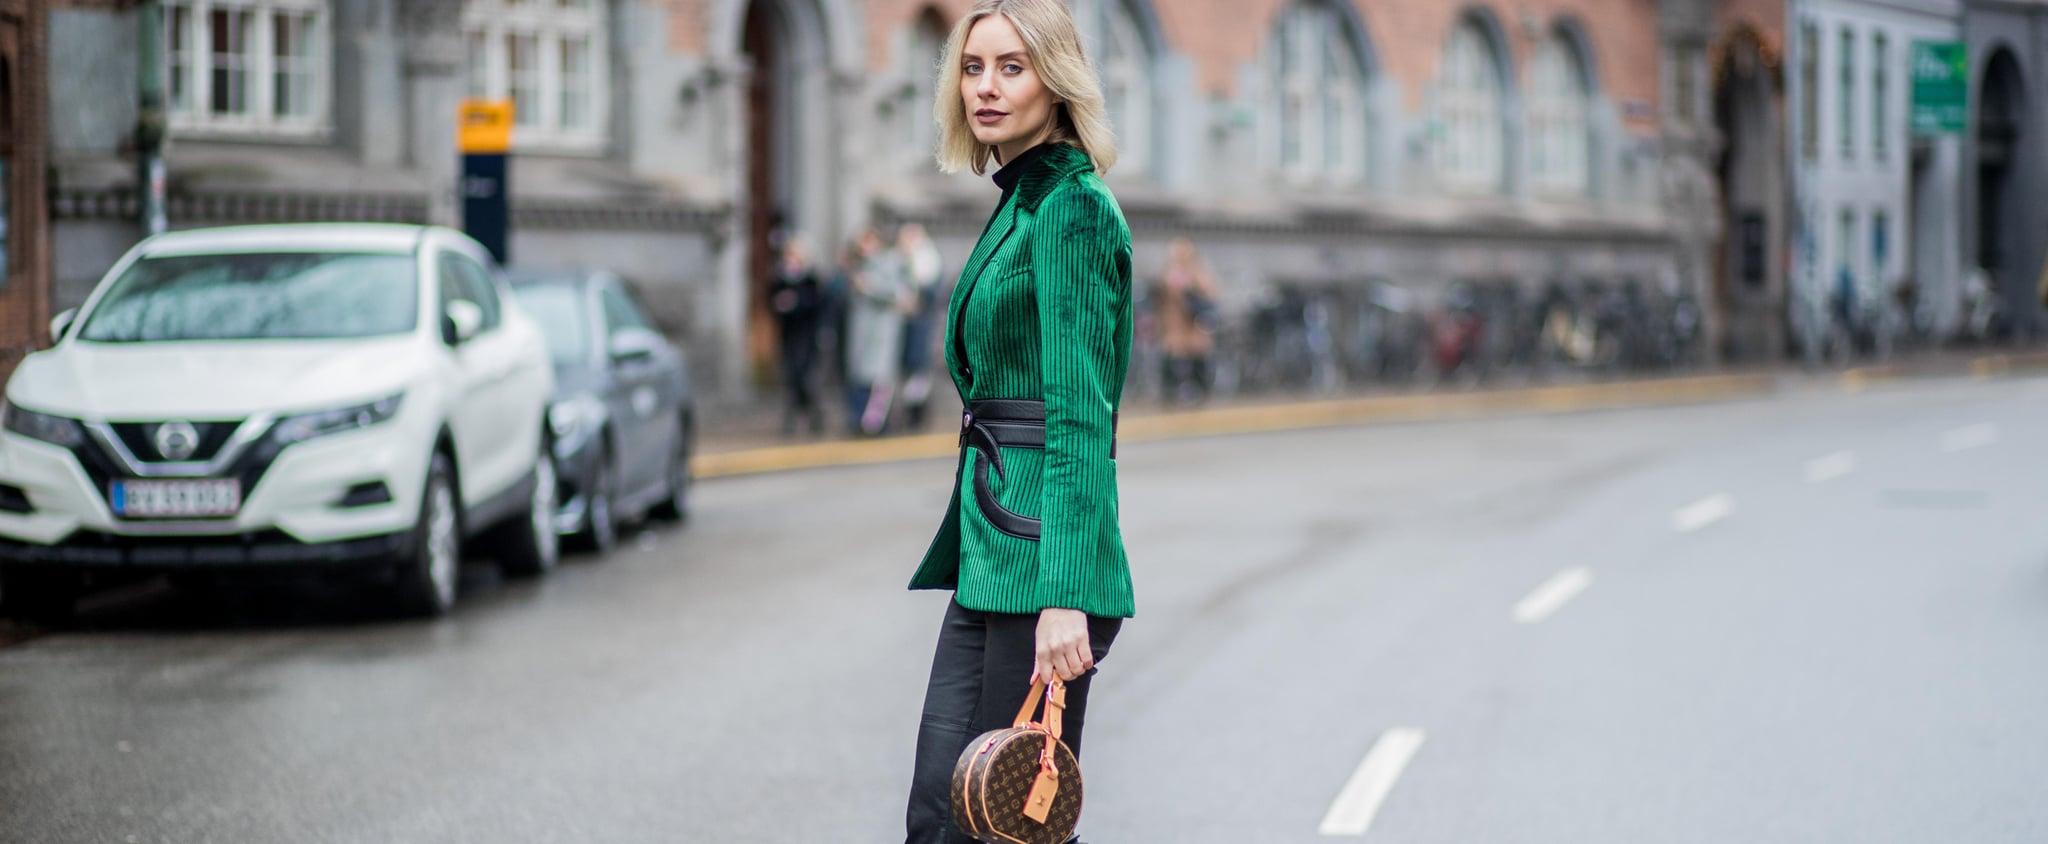 Bag Trends For Spring 2018